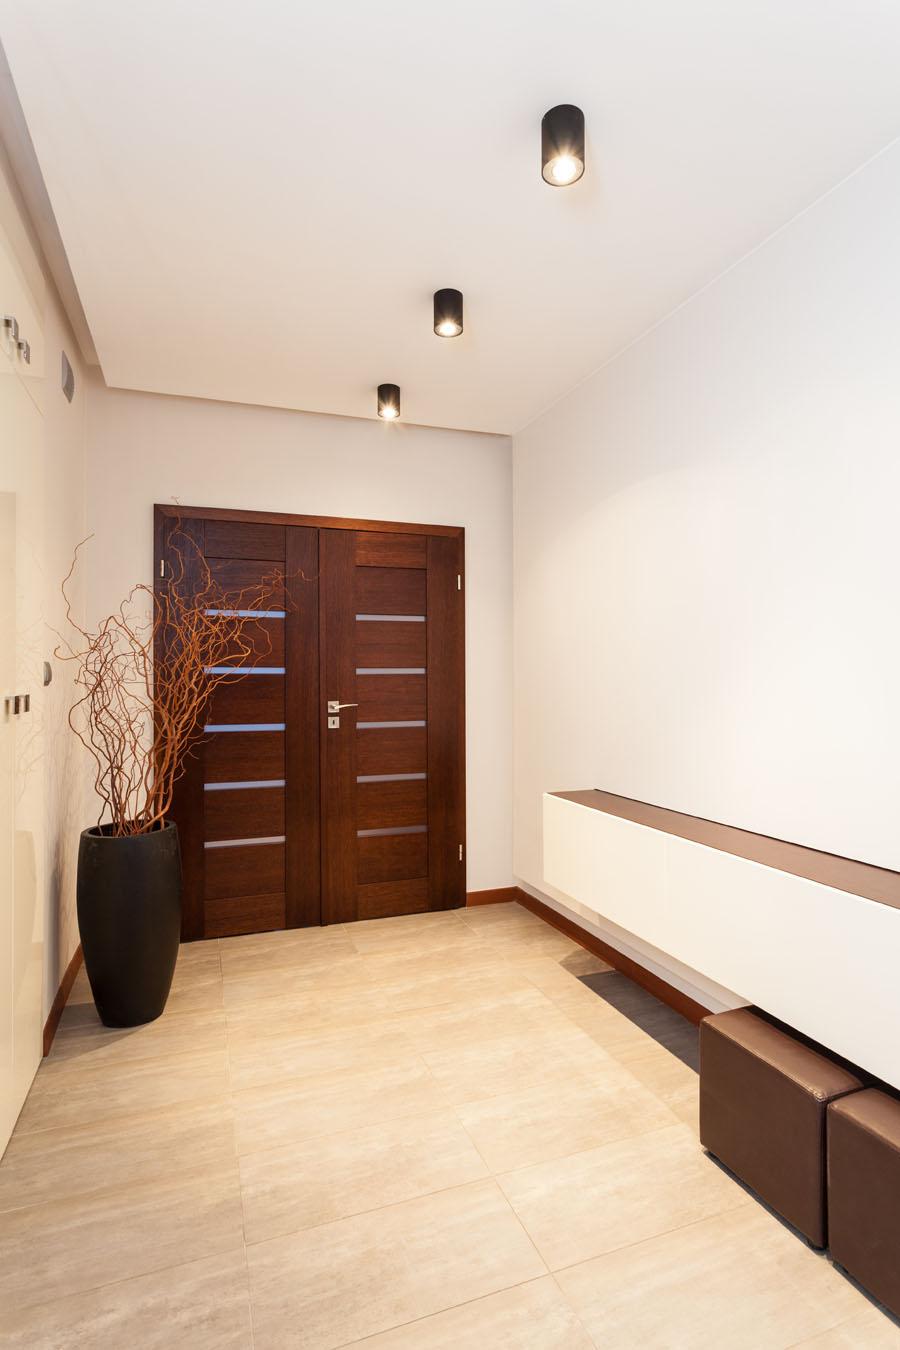 Drvo u ulaznim prostorijama hodnik